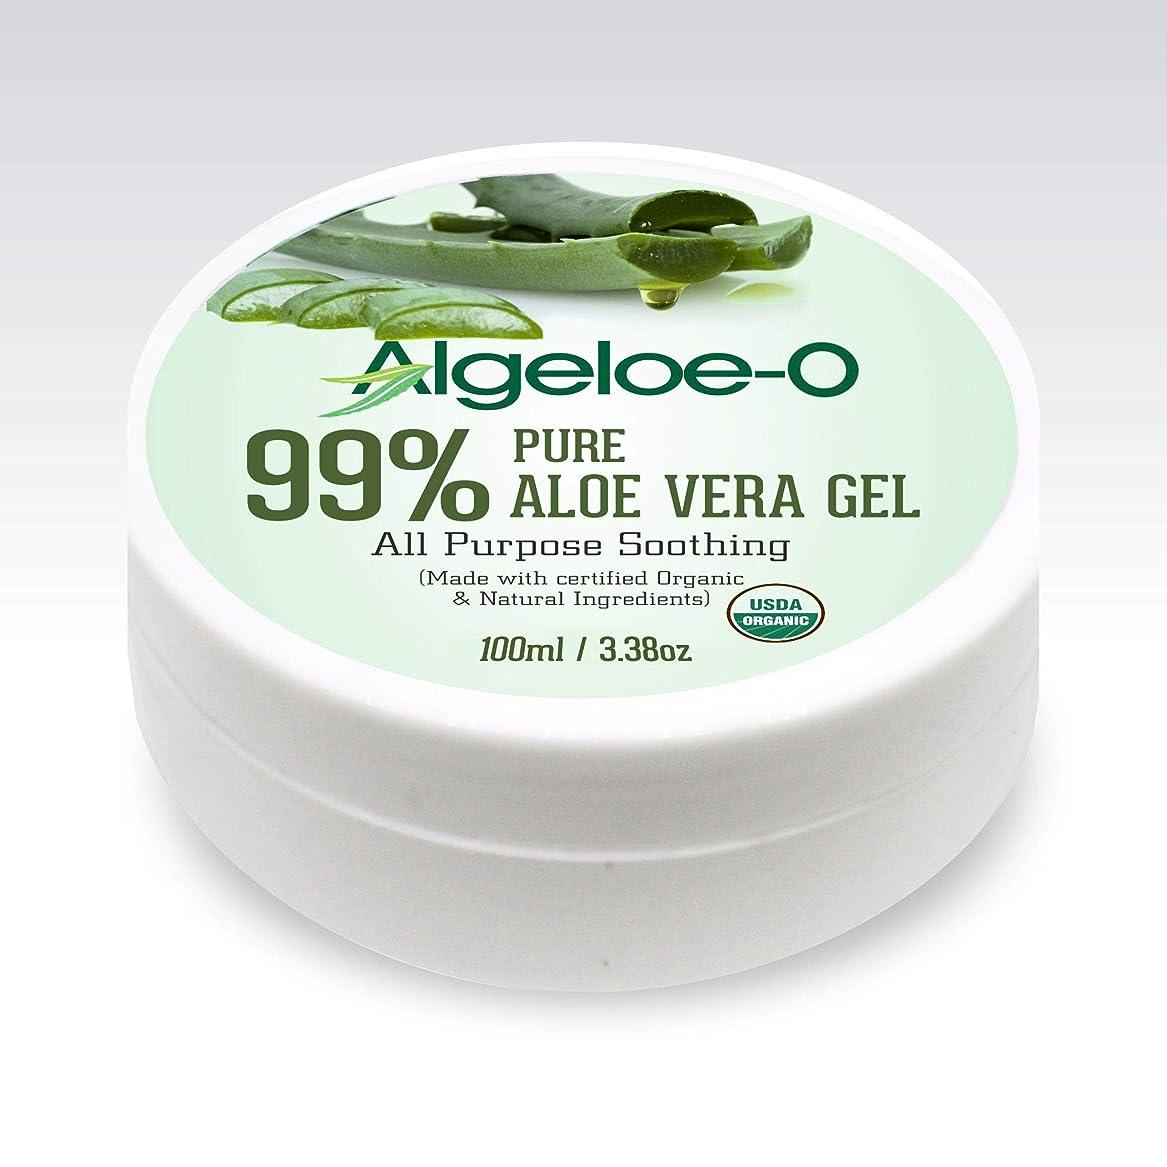 アレイ重量農奴Algeloe-O? Organic Aloe Vera Gel 99% Pure Natural made with USDA Certified Aloe Vera Powder Paraben, sulfate free with no added color 100ml/3.38oz.